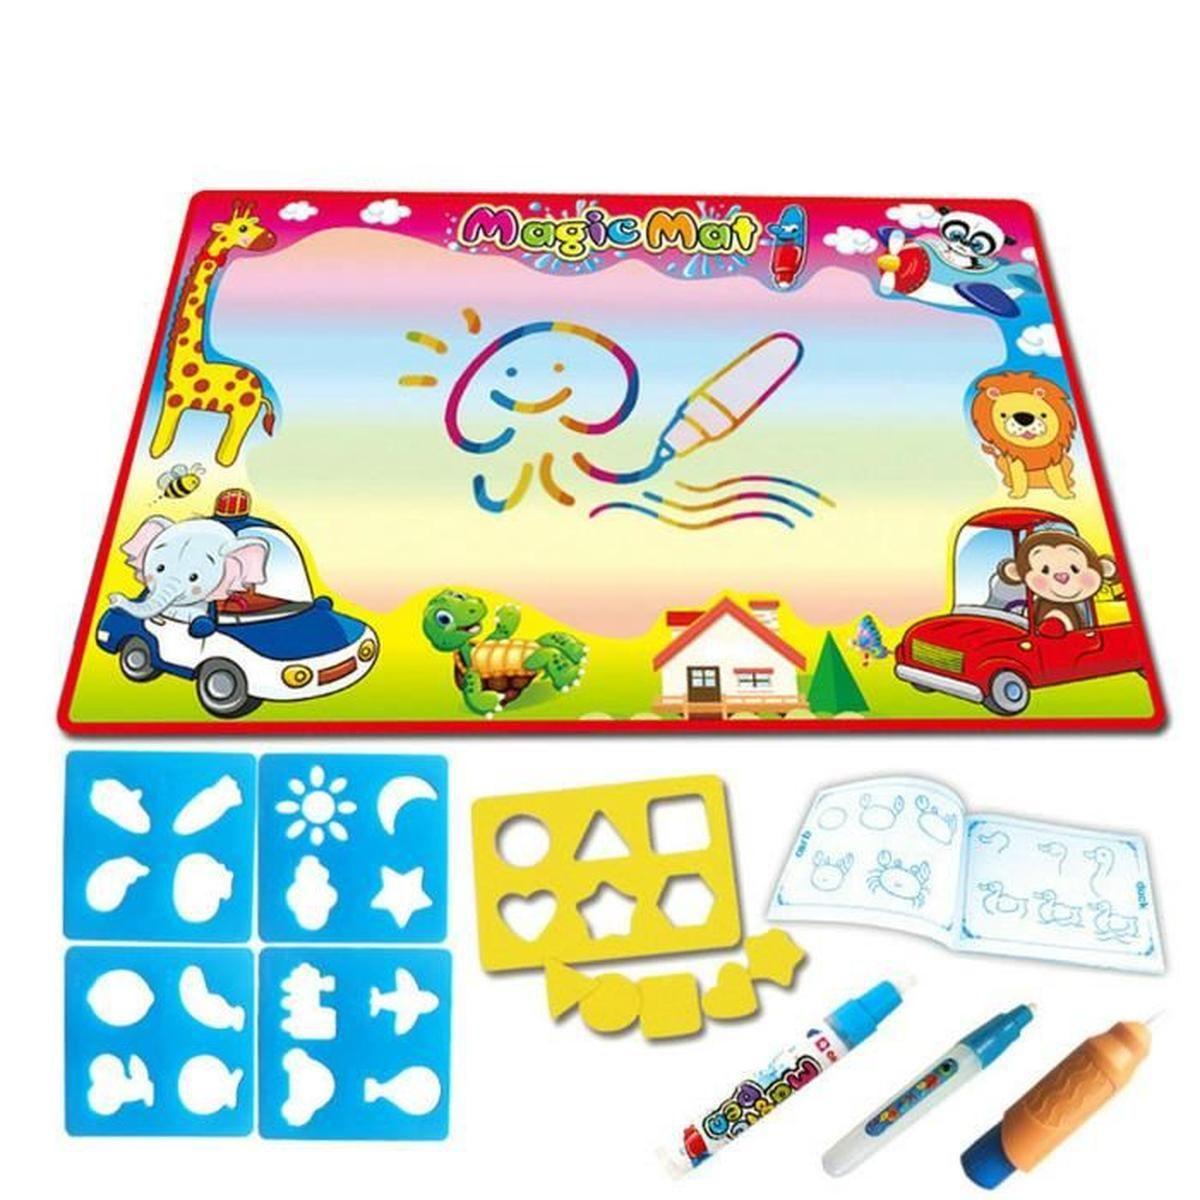 Tapis Coloriage Magnetic Planche À Dessin Peinture Enfants dedans Coloriage Aspirateur